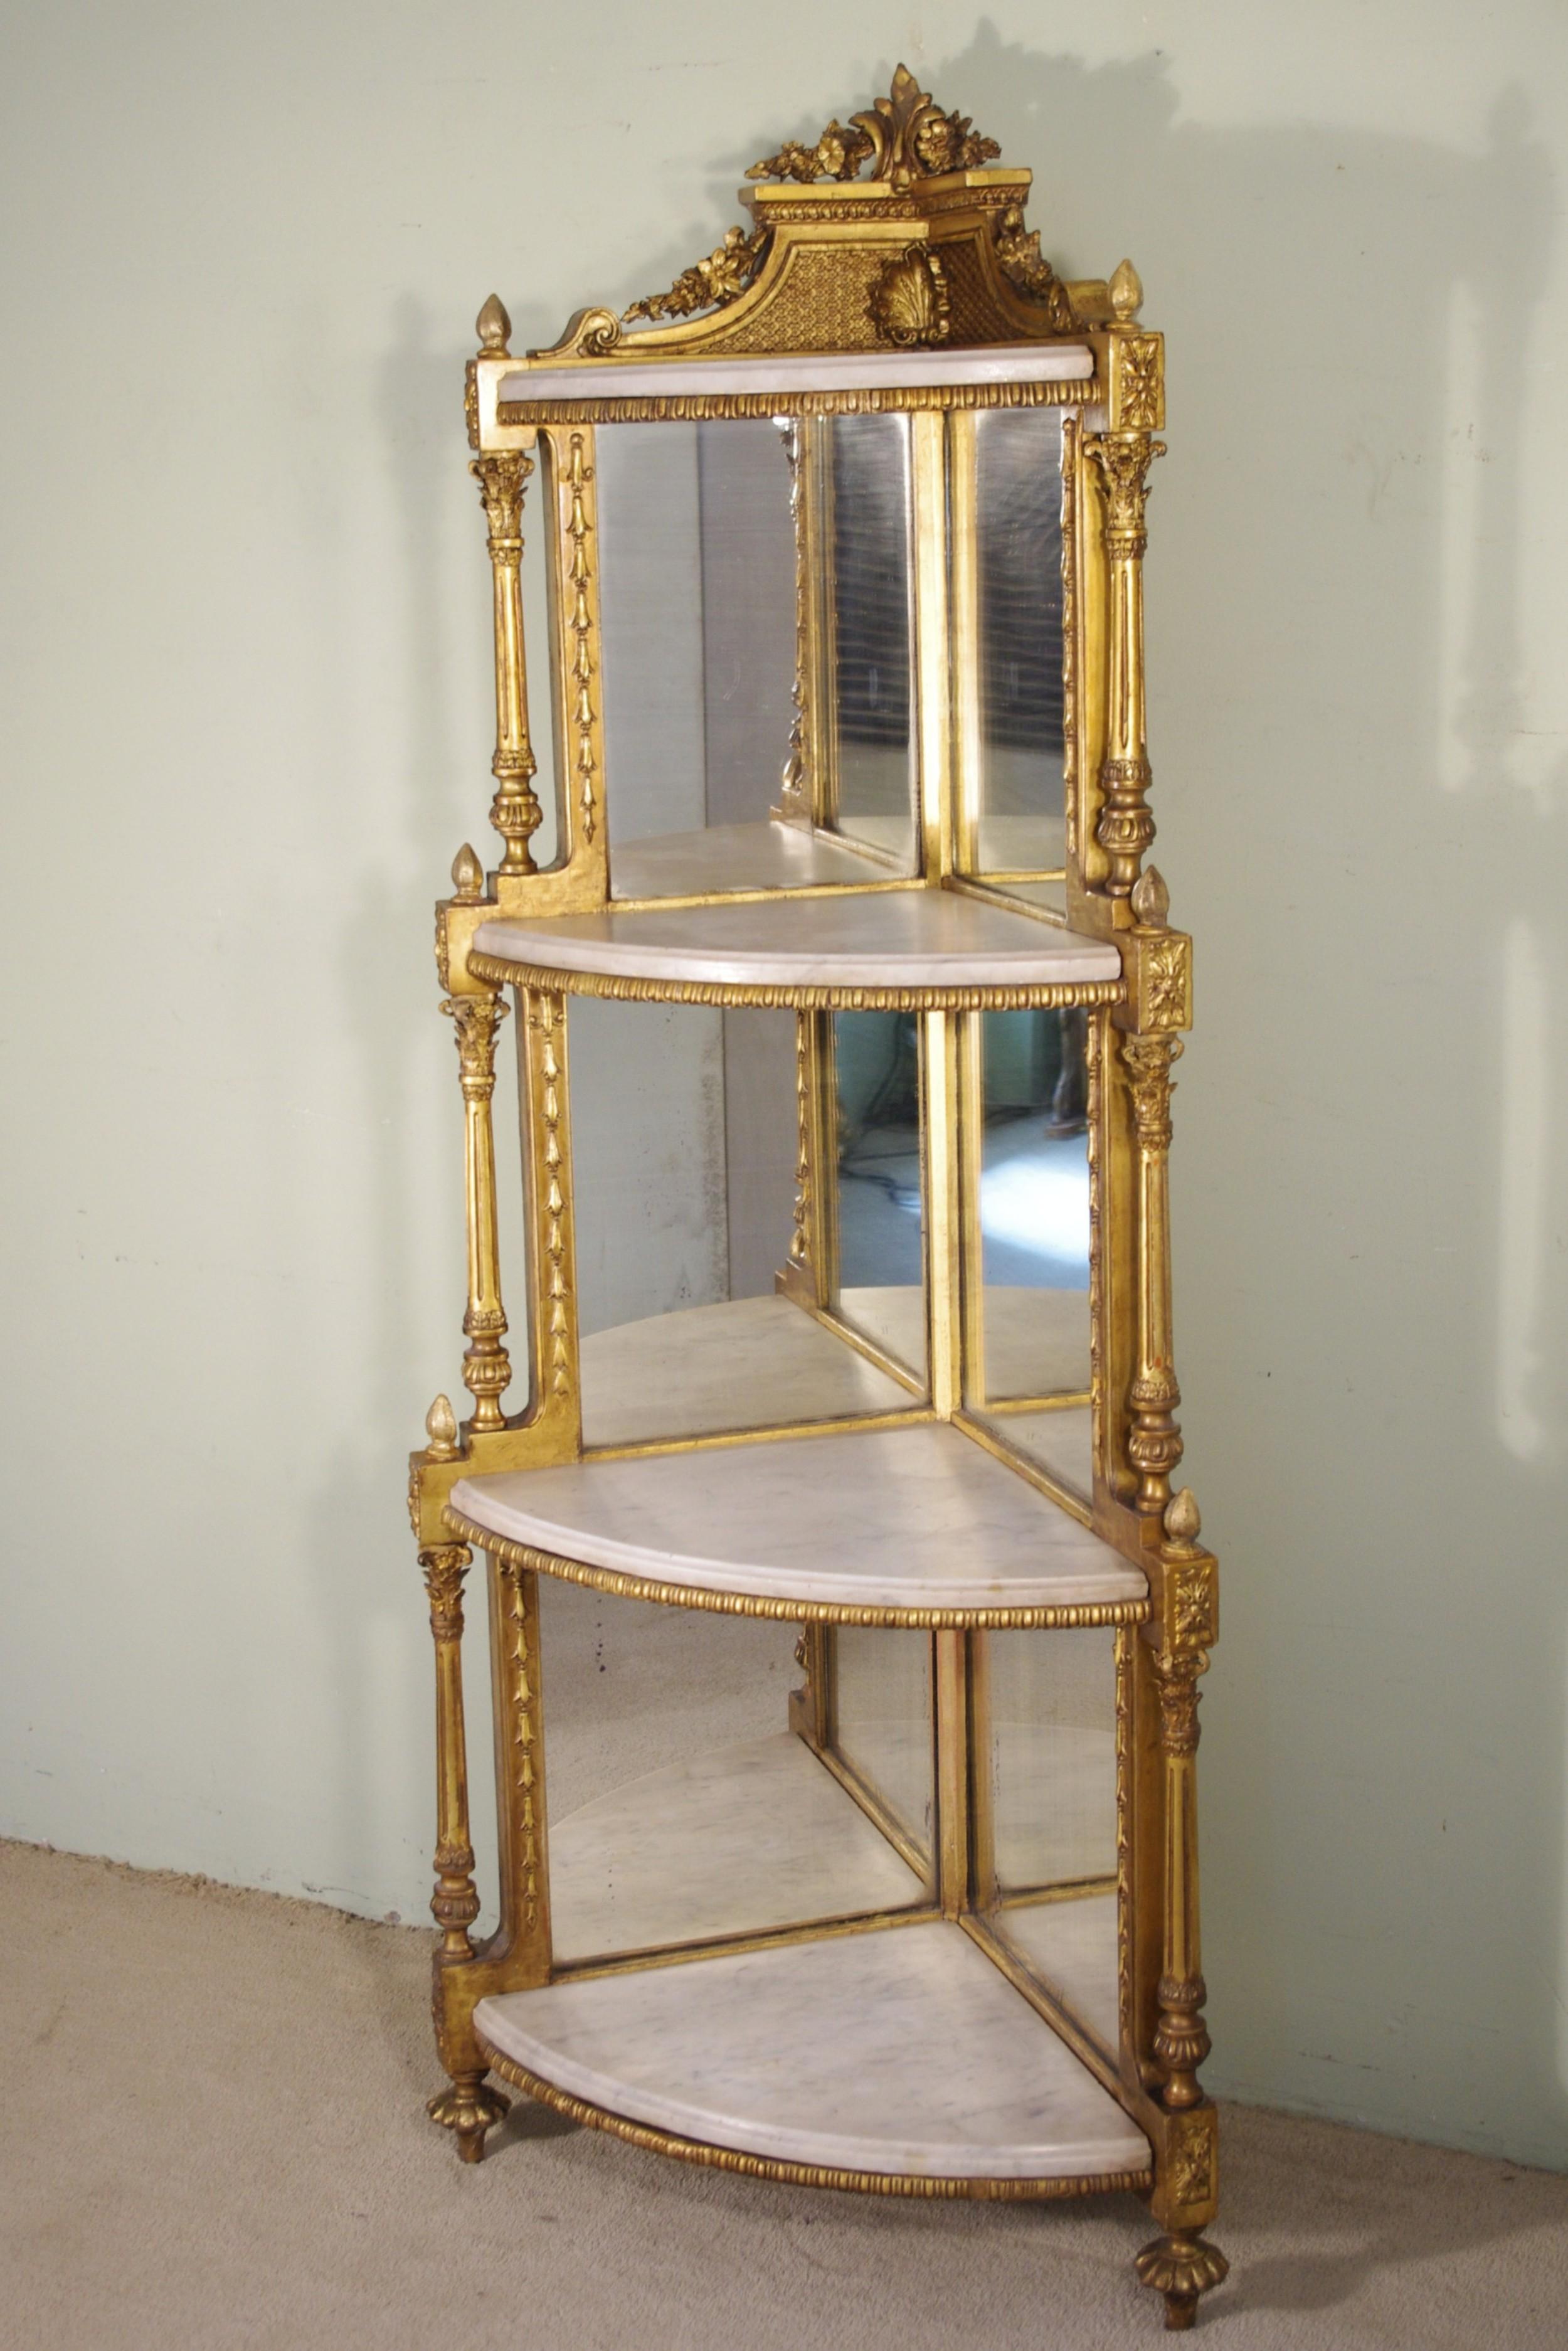 19th century gilt corner whatnotdisplay stand